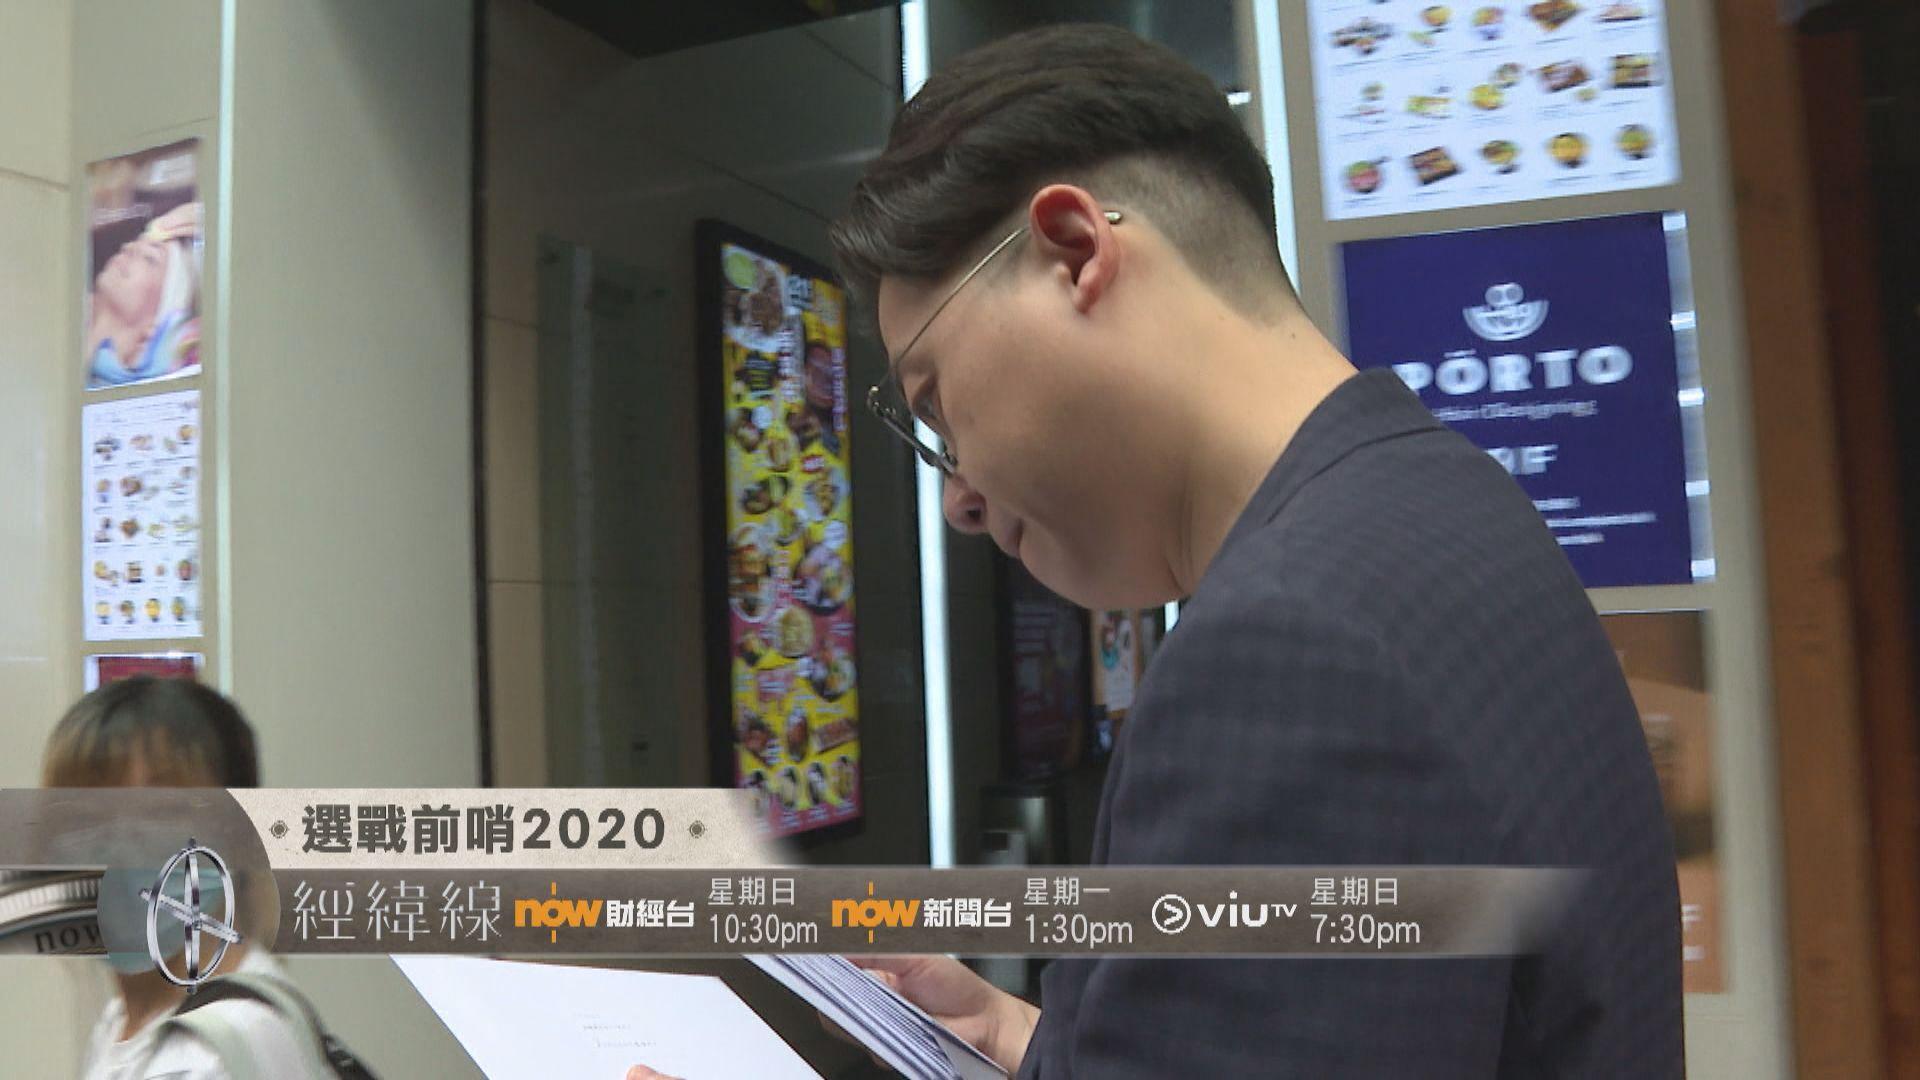 【經緯線本周提要】選戰前哨2020